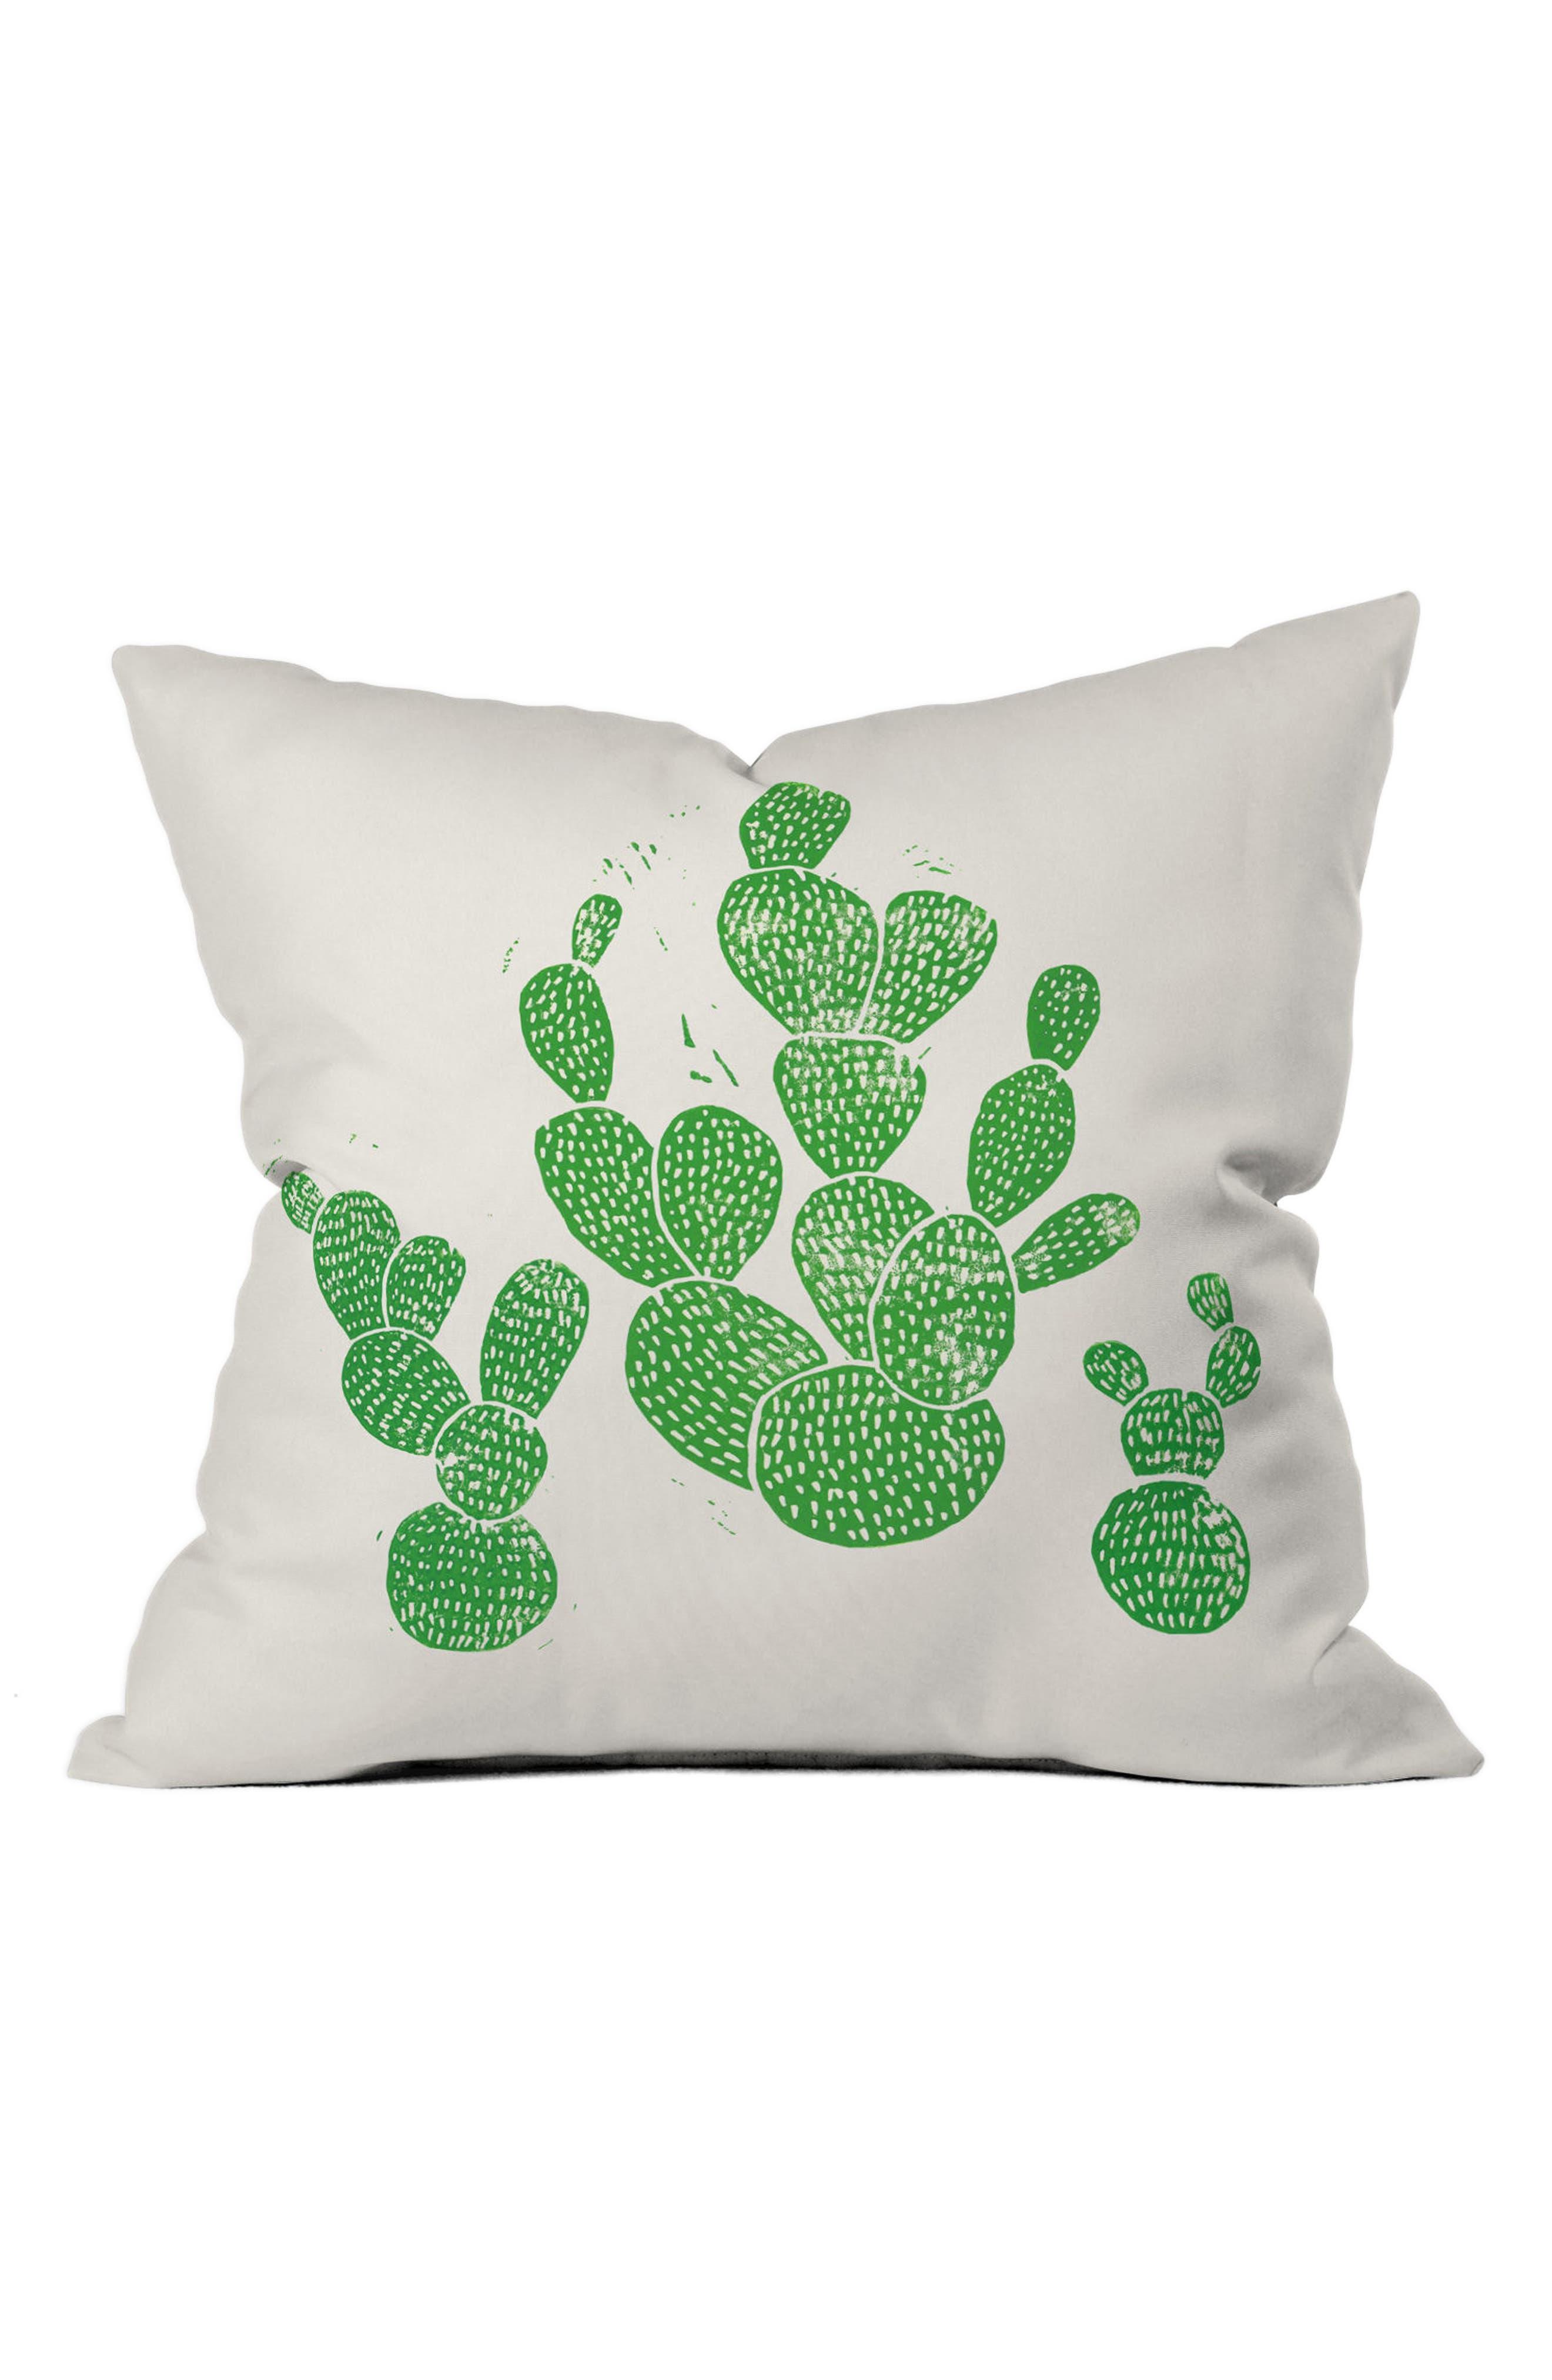 Main Image - DENY Designs Green Cacti Pillow